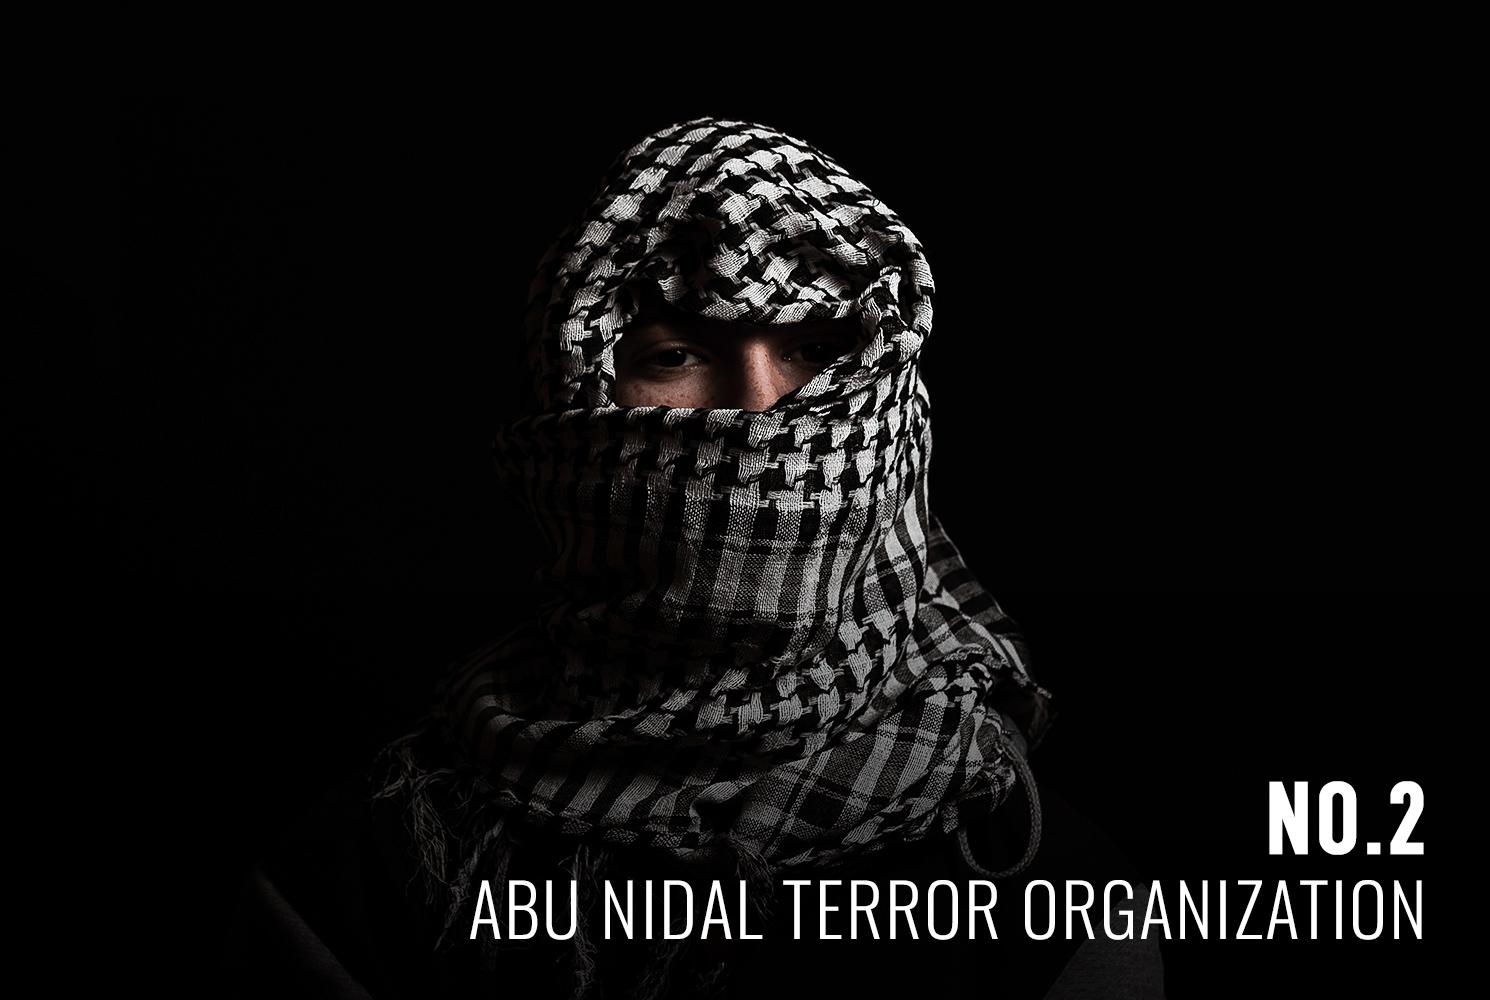 Abu Nidal Terror Organization